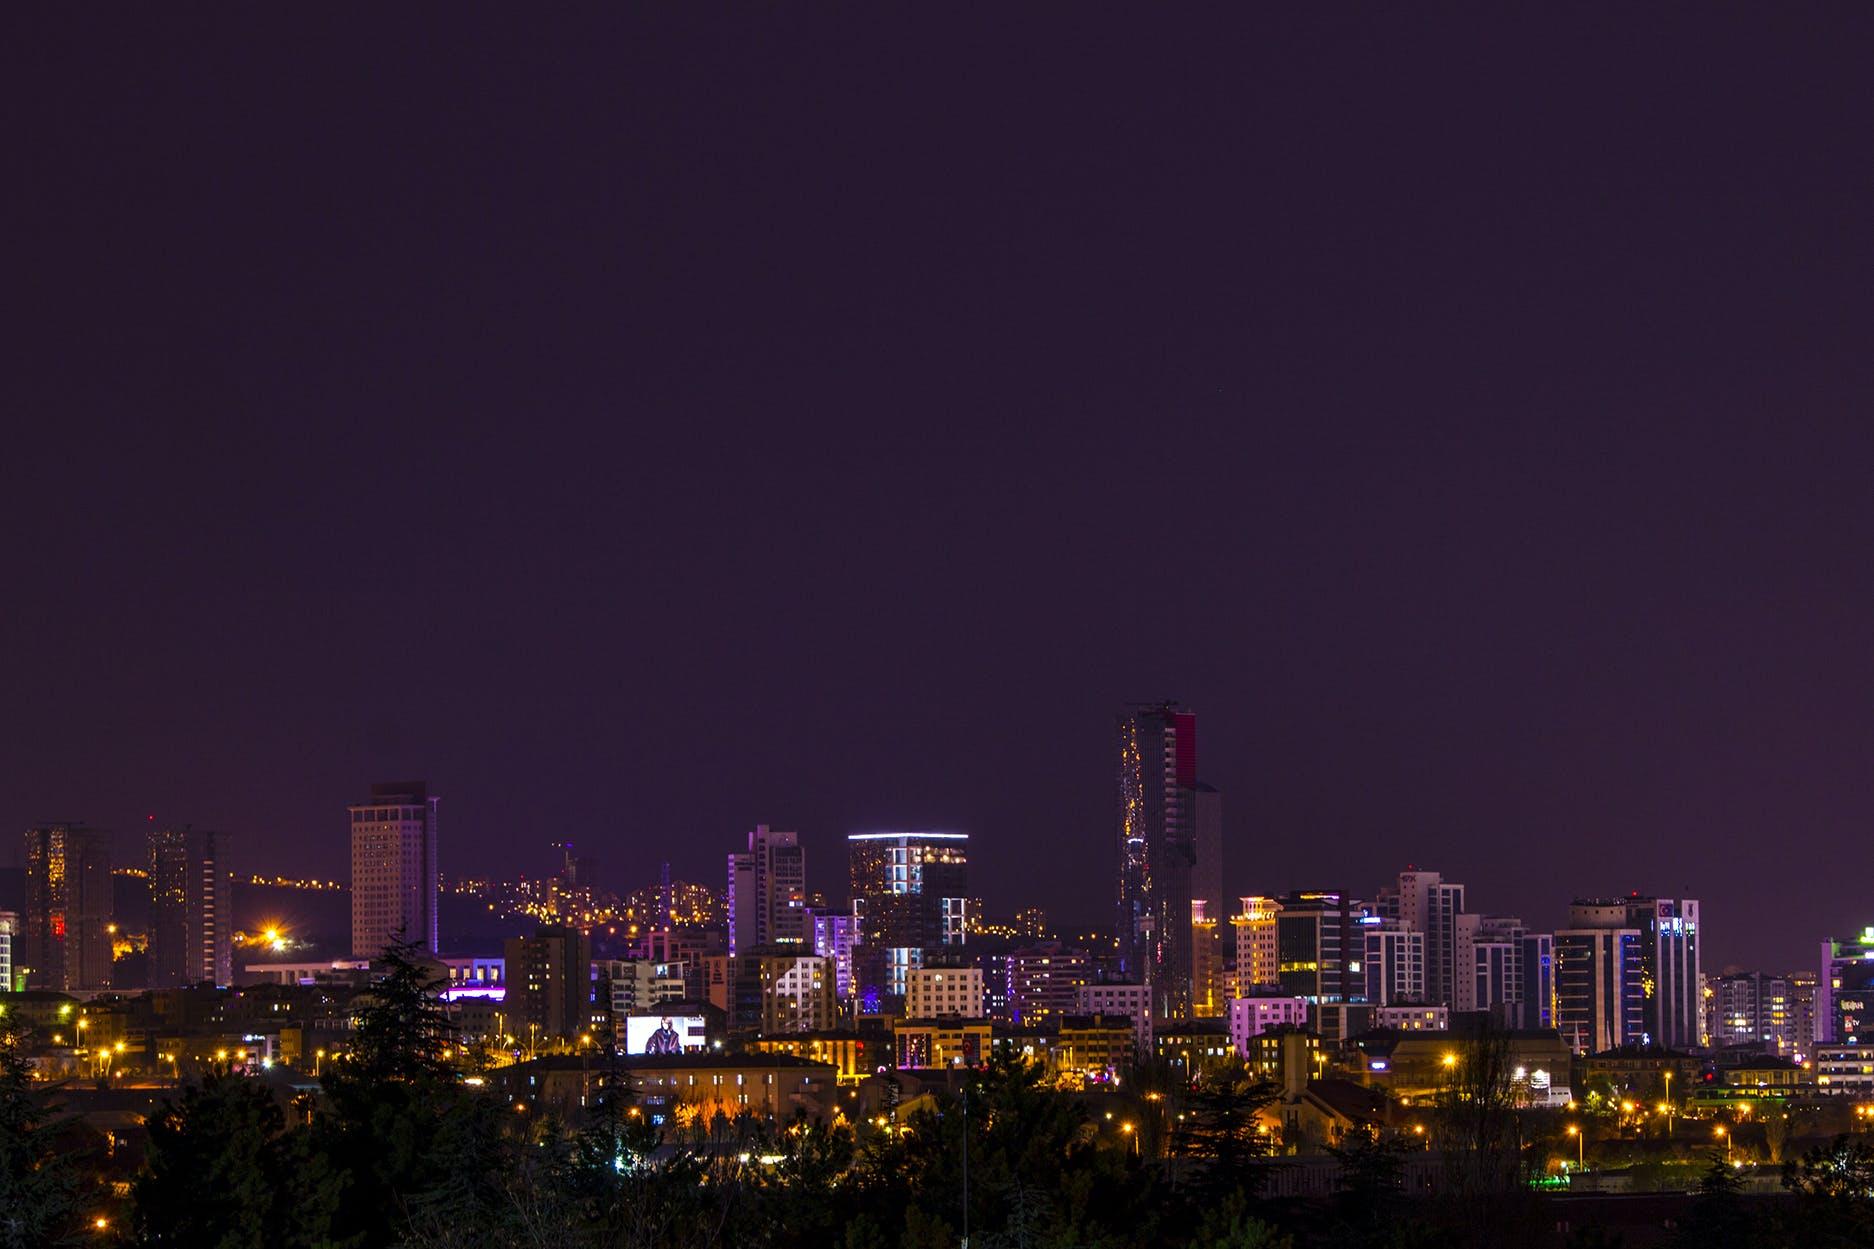 Fotos de stock gratuitas de cielo, ciudad, edificios, Luces de la ciudad